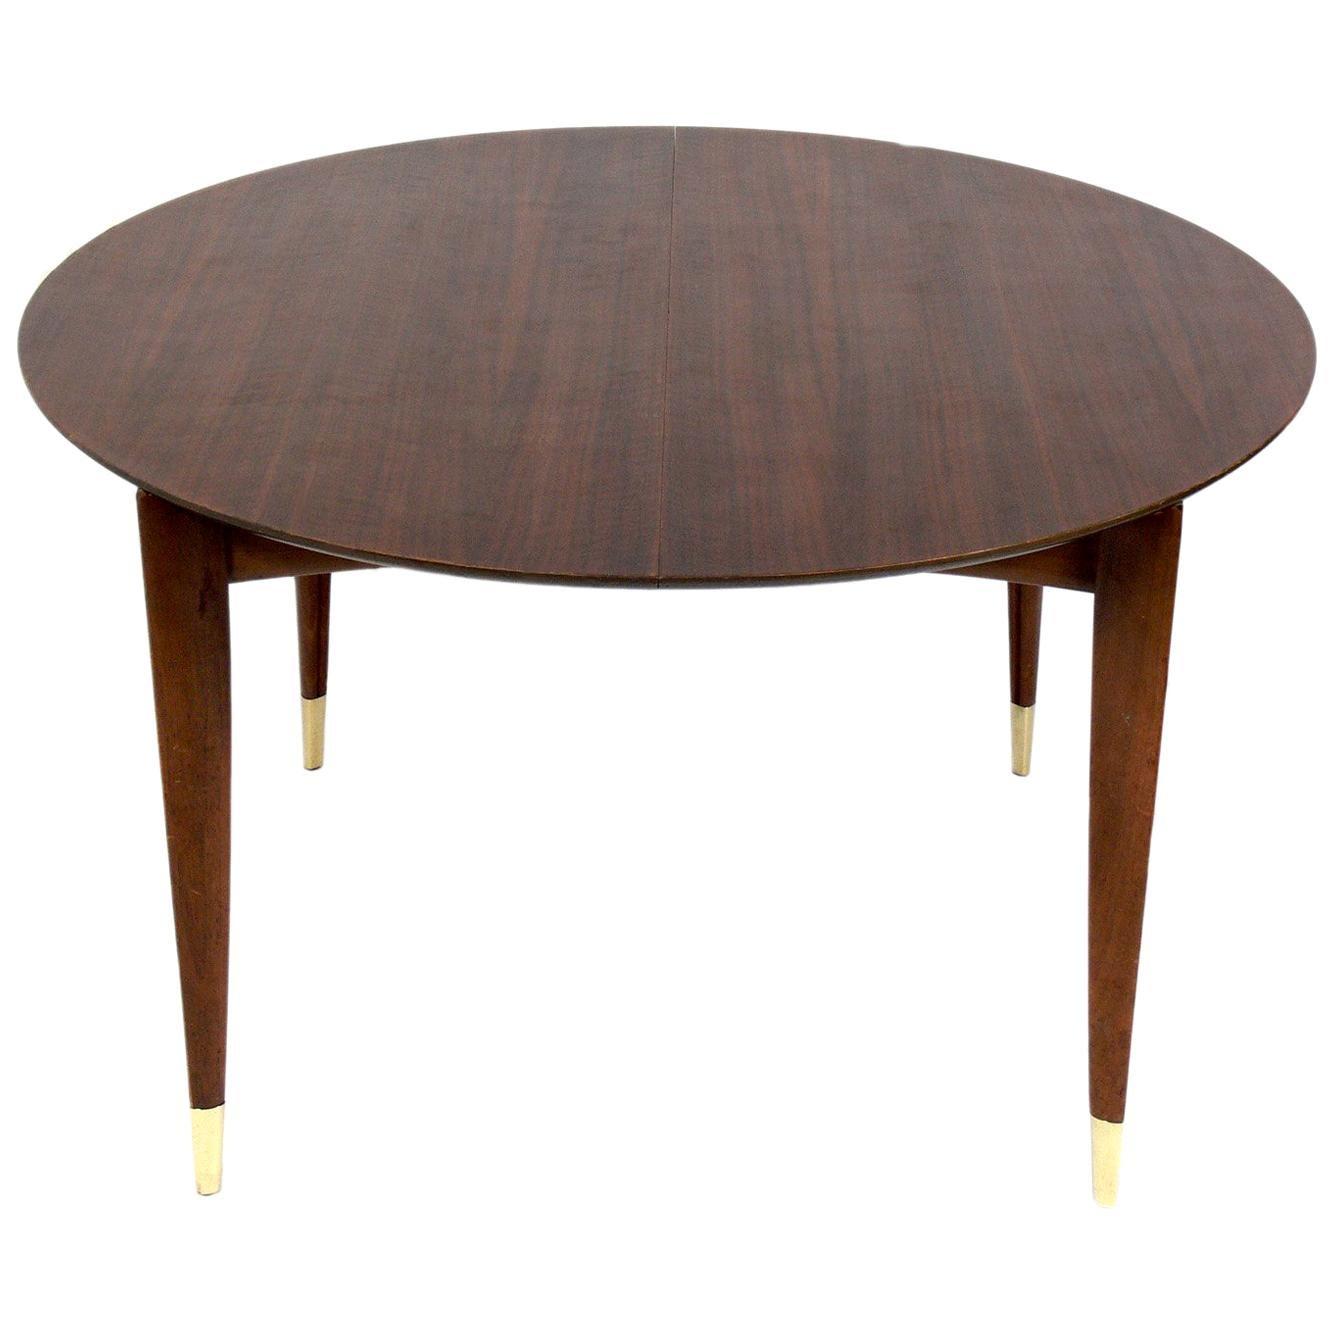 Gio Ponti Dining Table